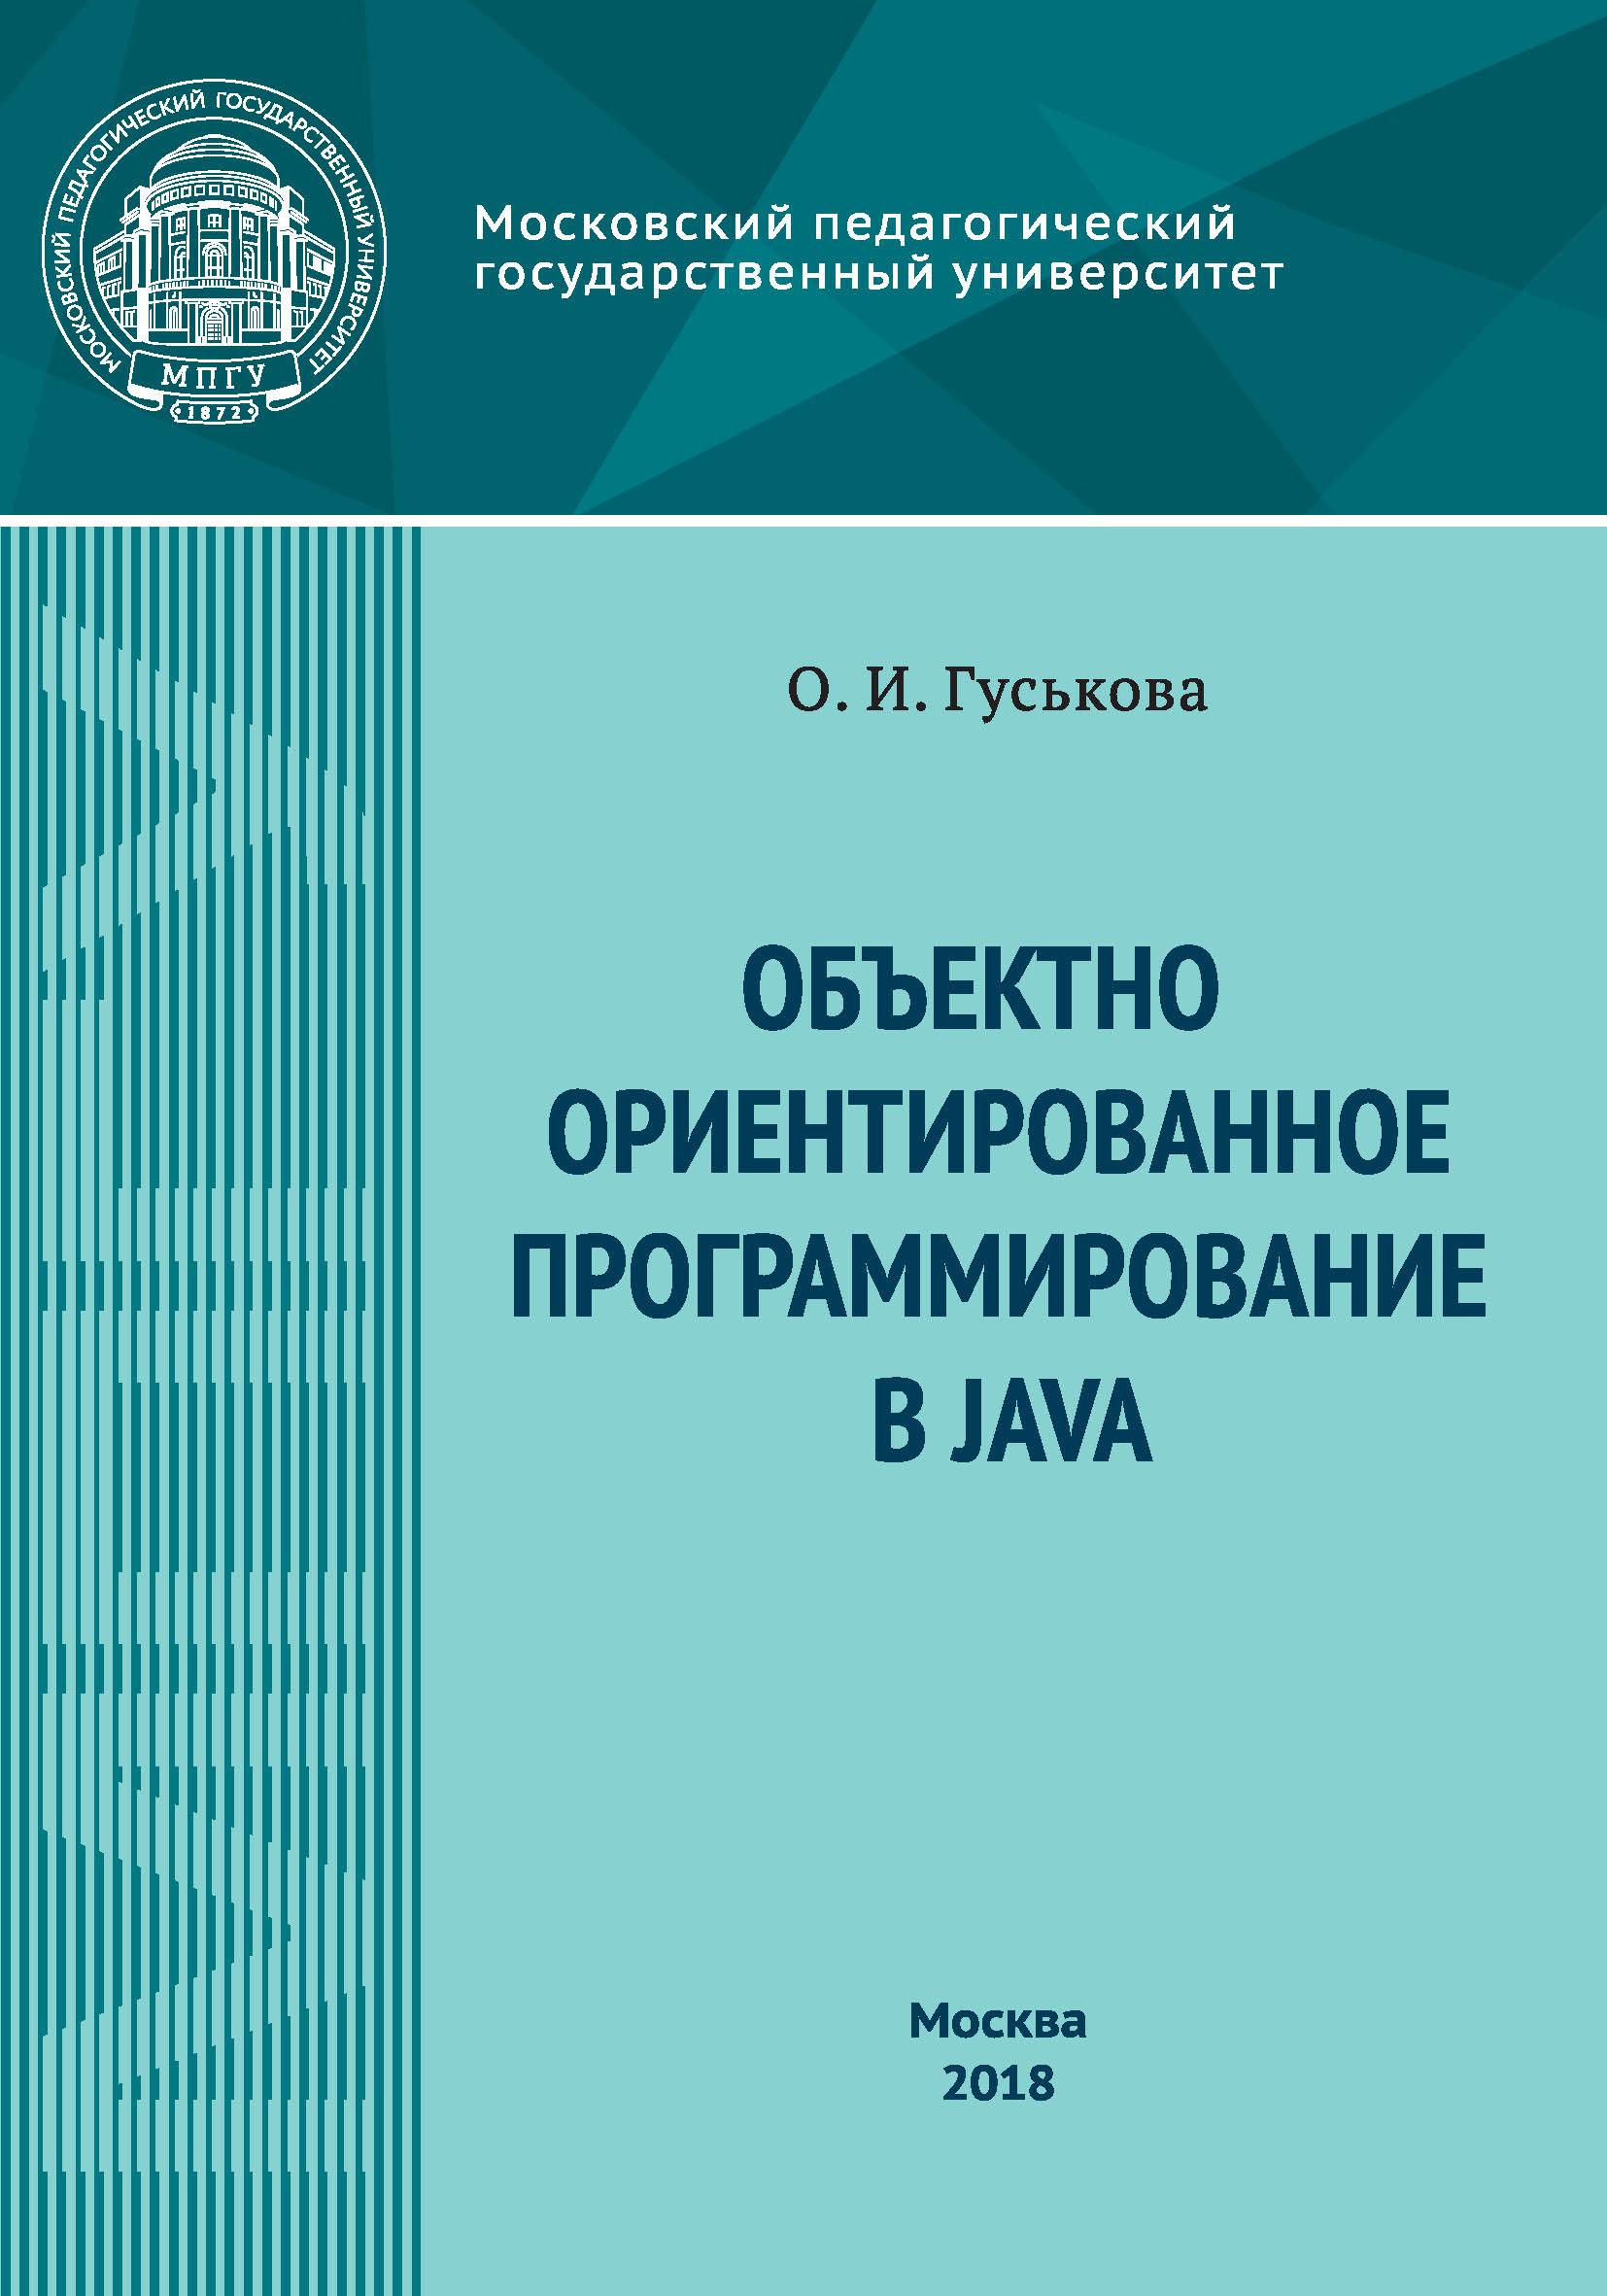 О. И. Гуськова Объектно-ориентированное программирование в Java тридерм дженерики